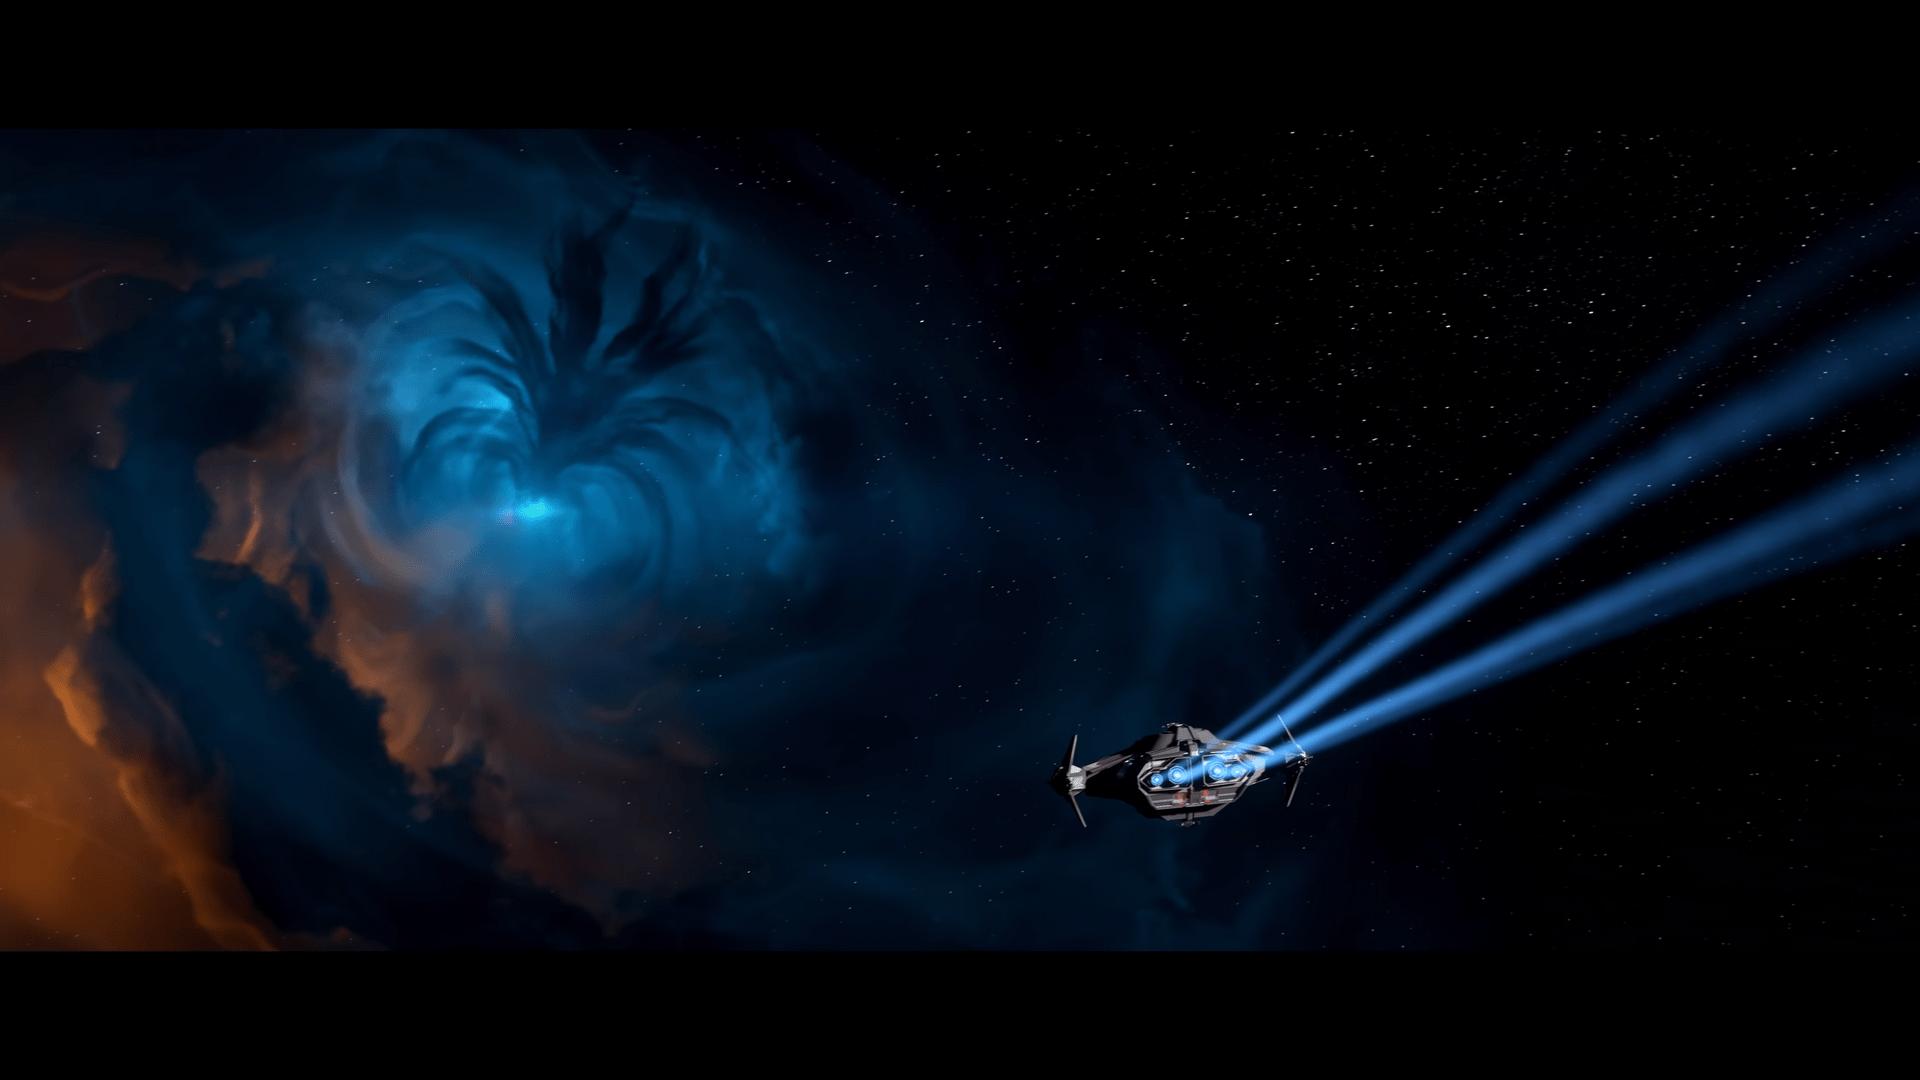 Anflug eines Raumschiffs auf eine blaue Gaswolke in Star Citizen